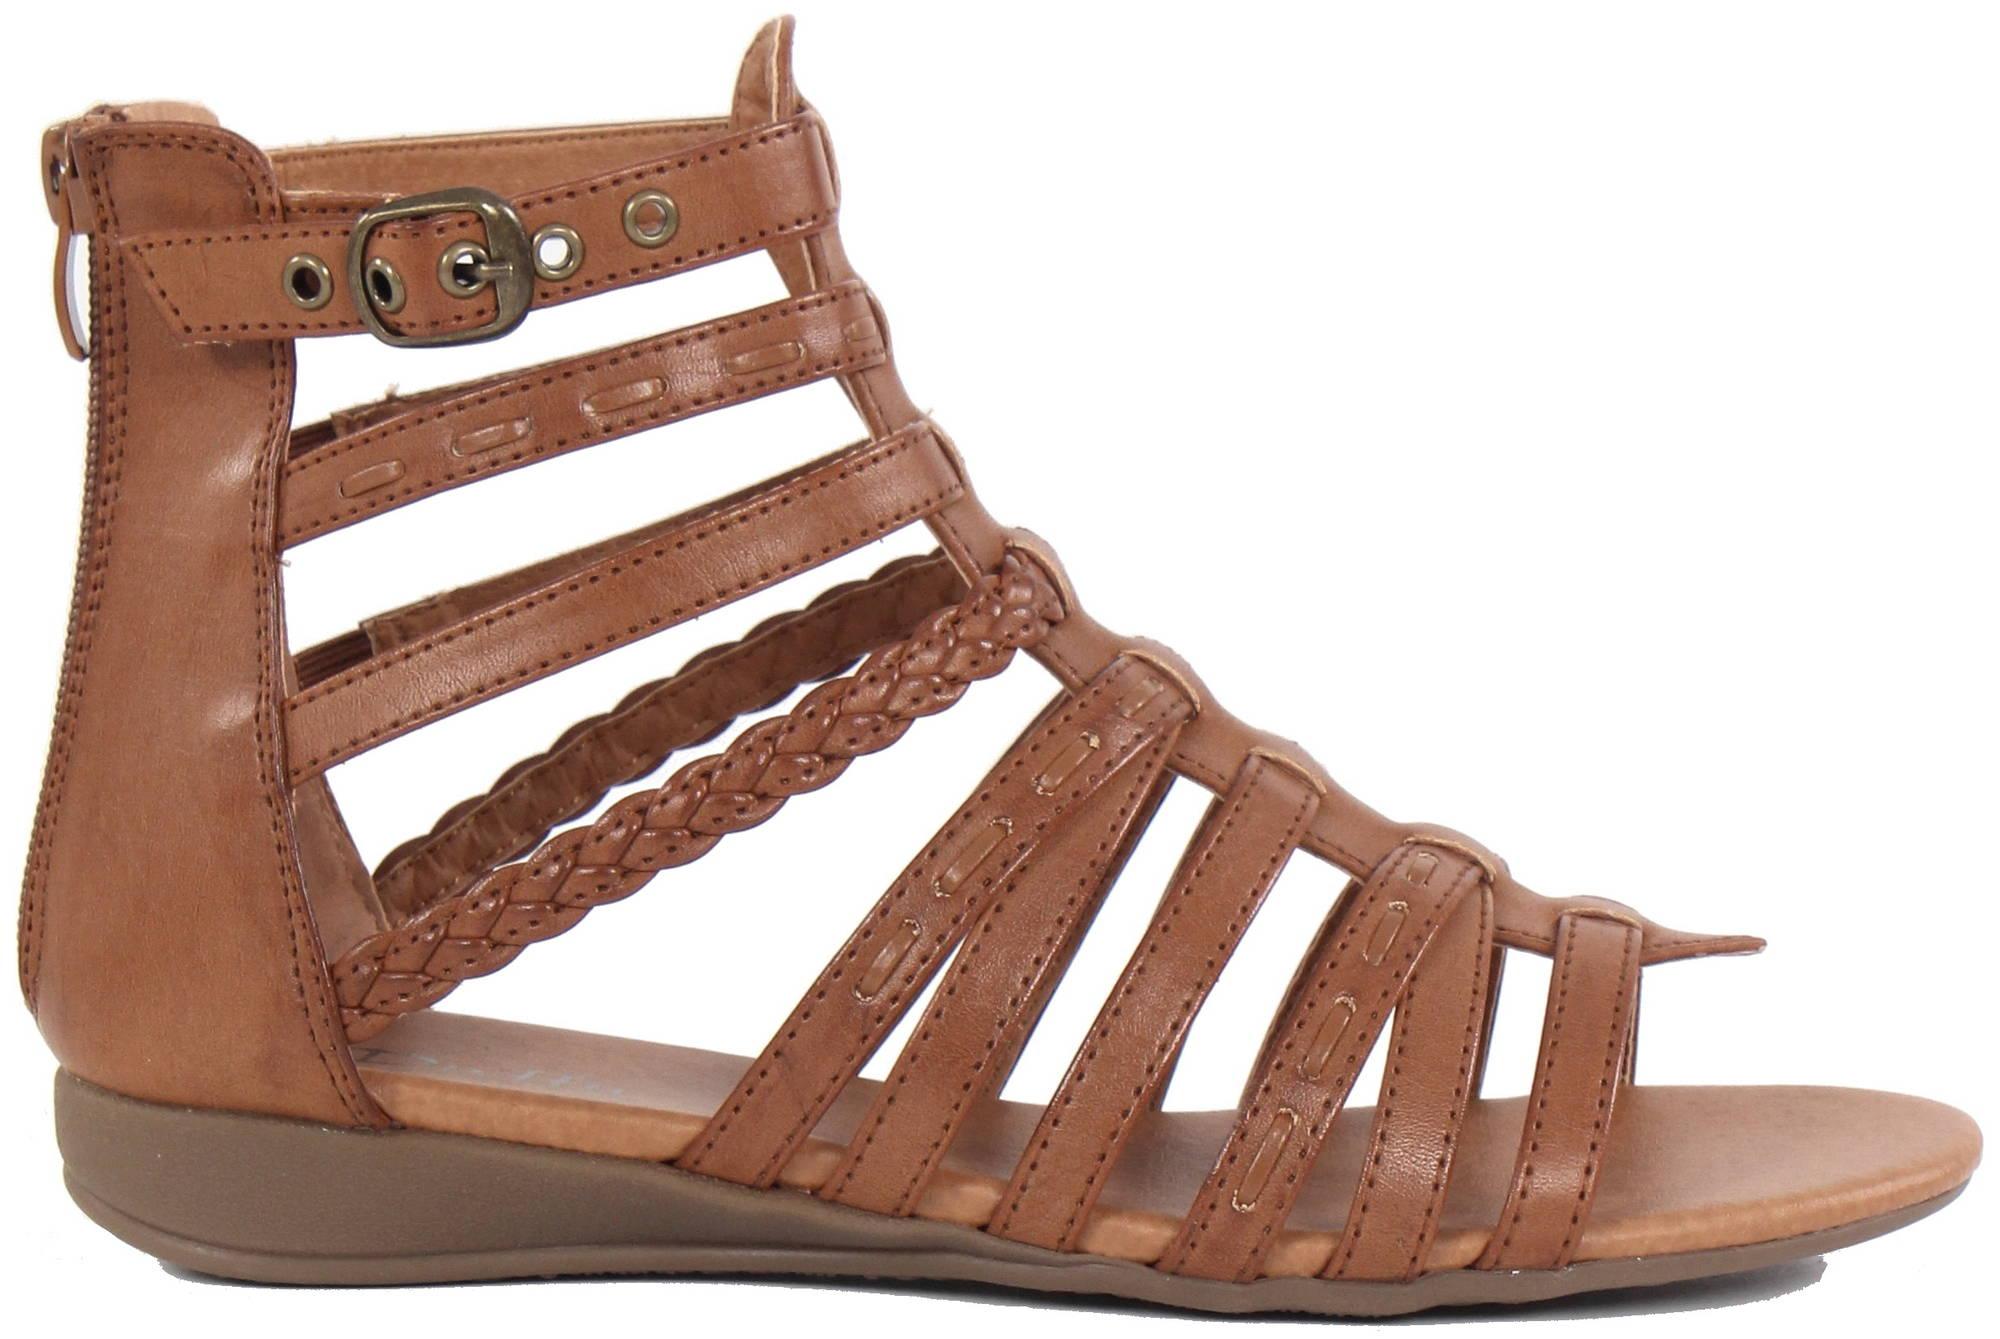 Duffy Sandals 75 48857 brown Stilettoshop.eu webstore